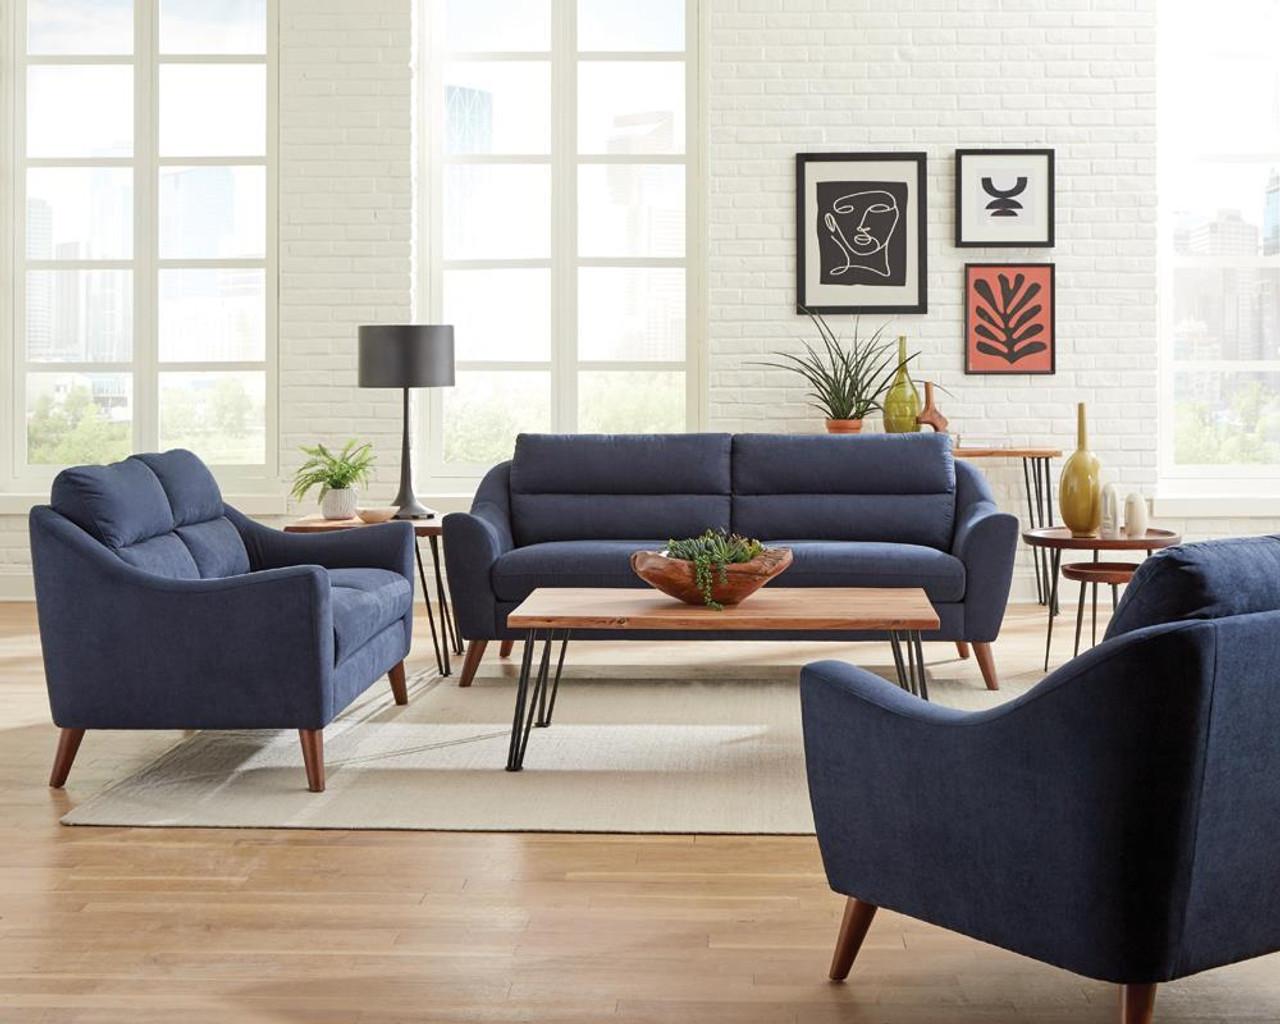 Navy Blue Sofa 3 Pc Set 509514 S3 On Sale At Stringer Furniture Serving Jackson Ms